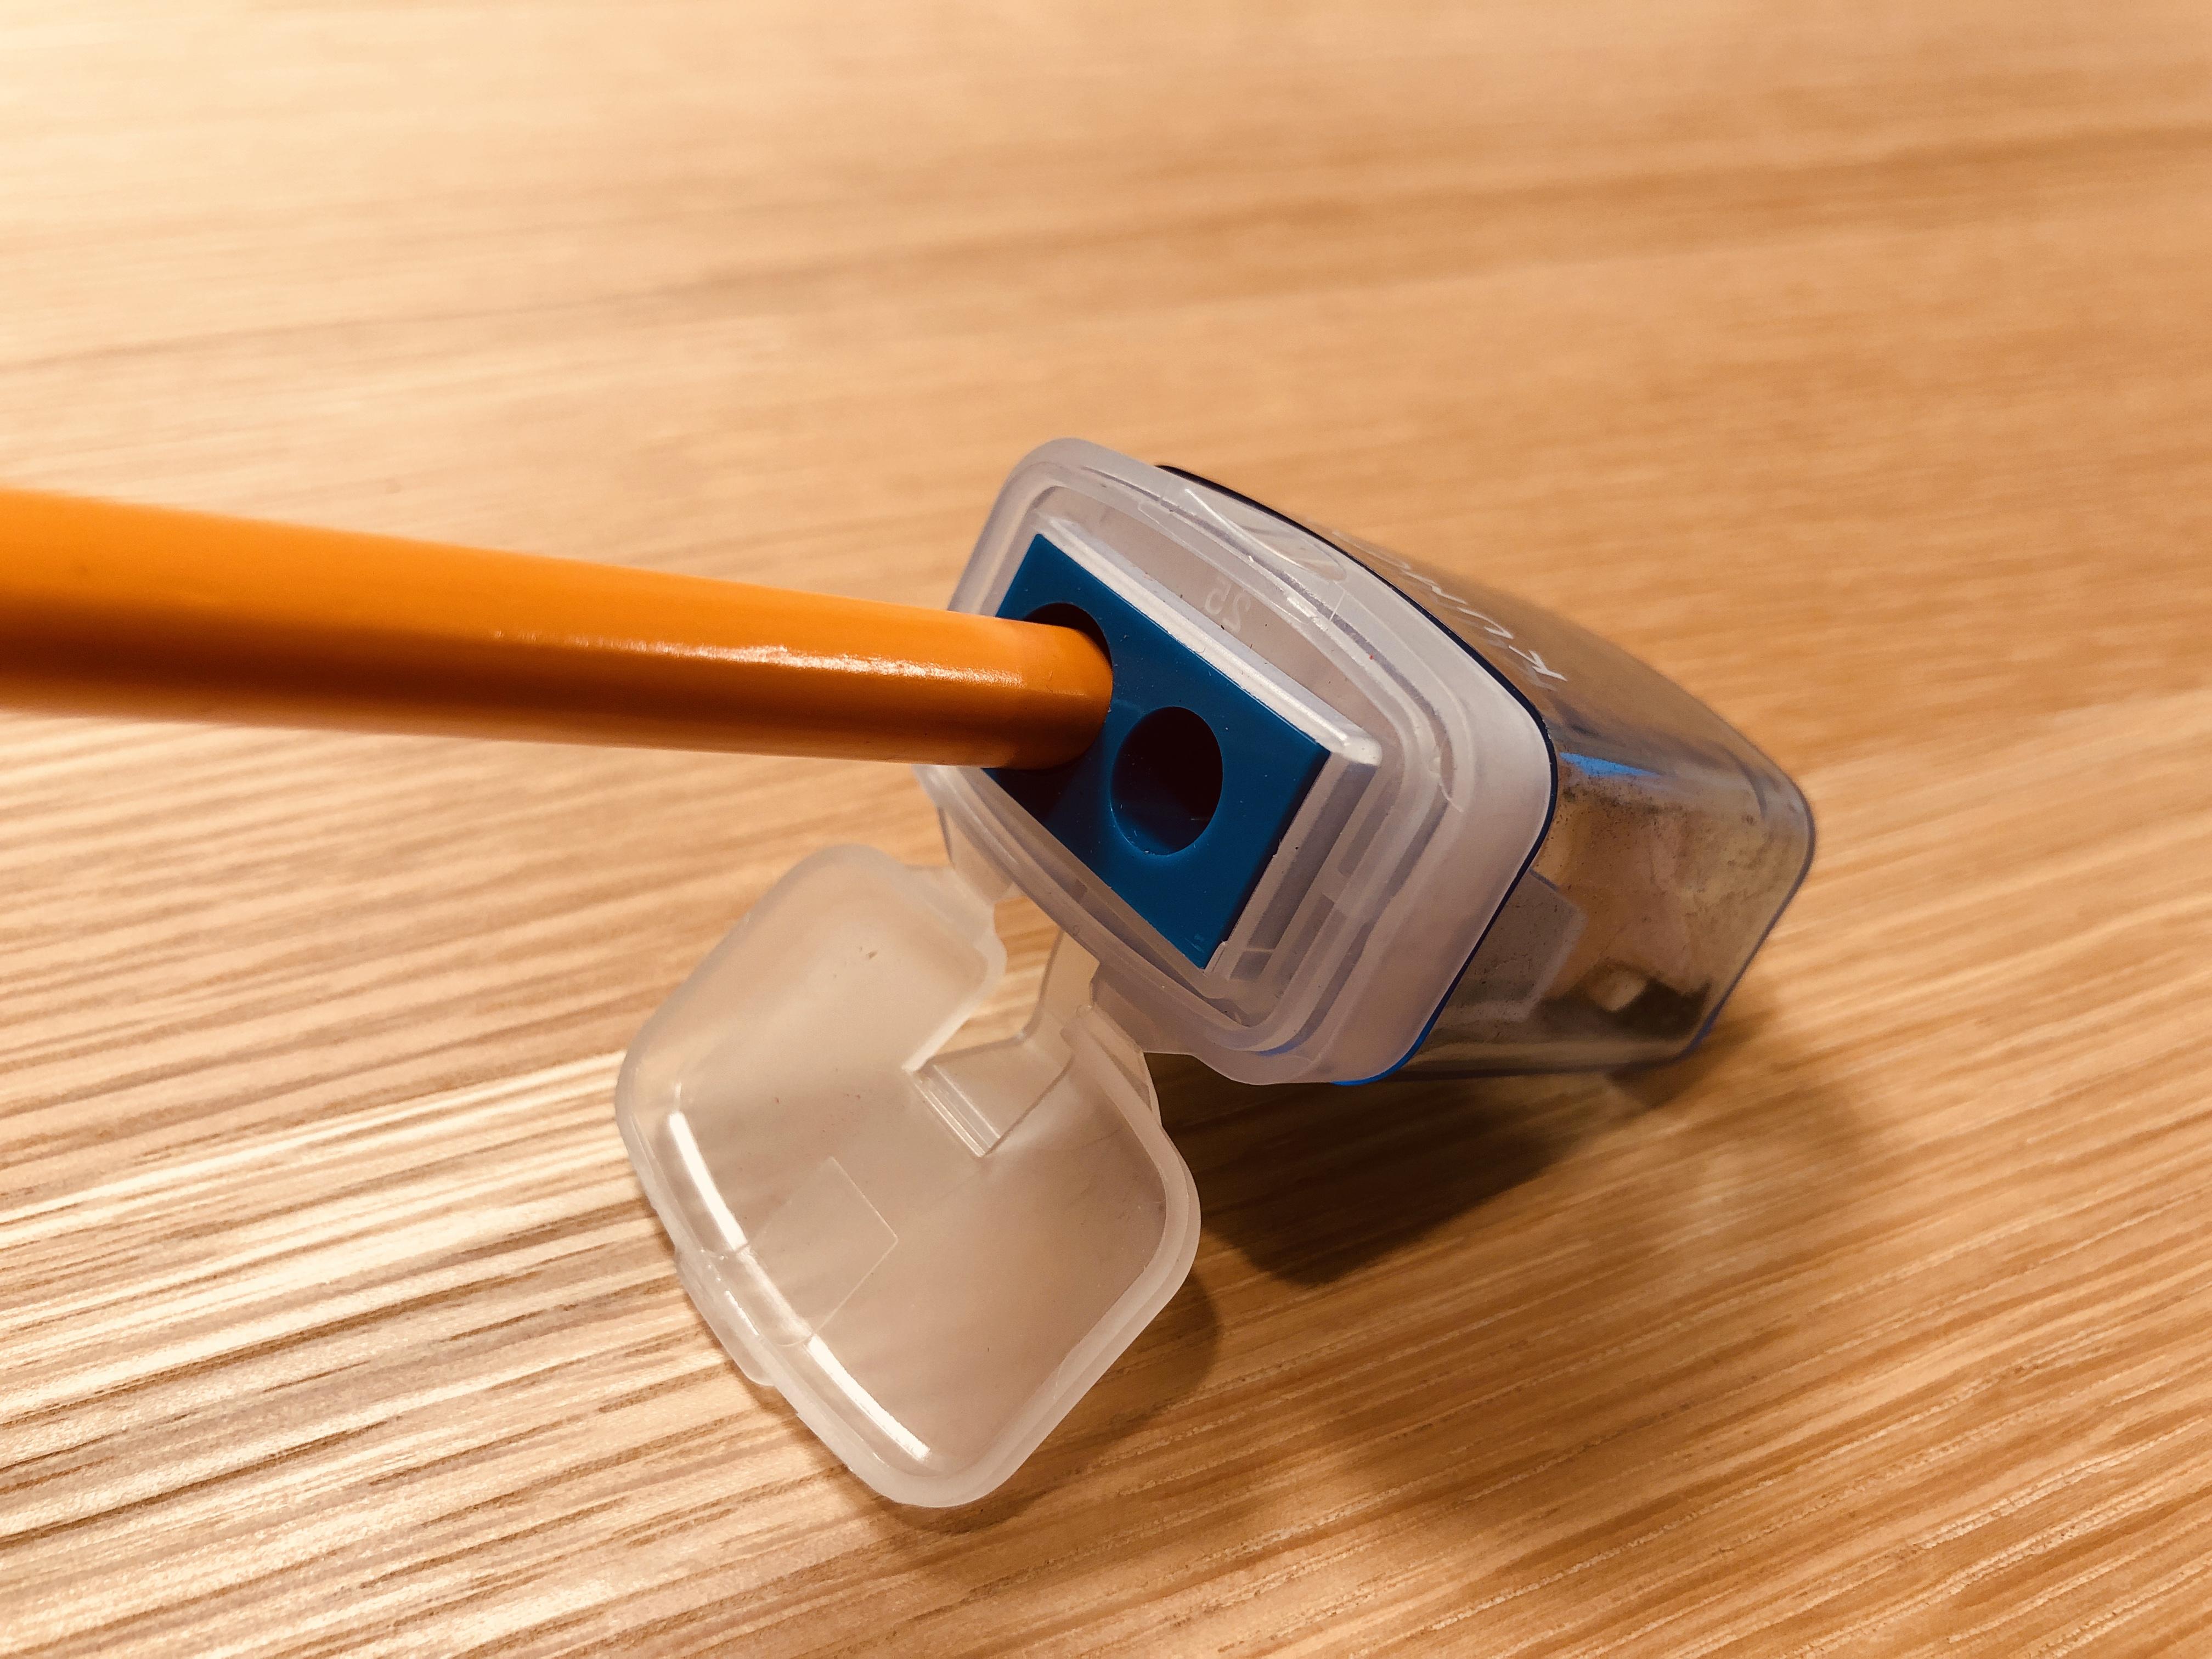 子ども用の太い三角鉛筆でも削れる!公文の「こどもえんぴつけずり」